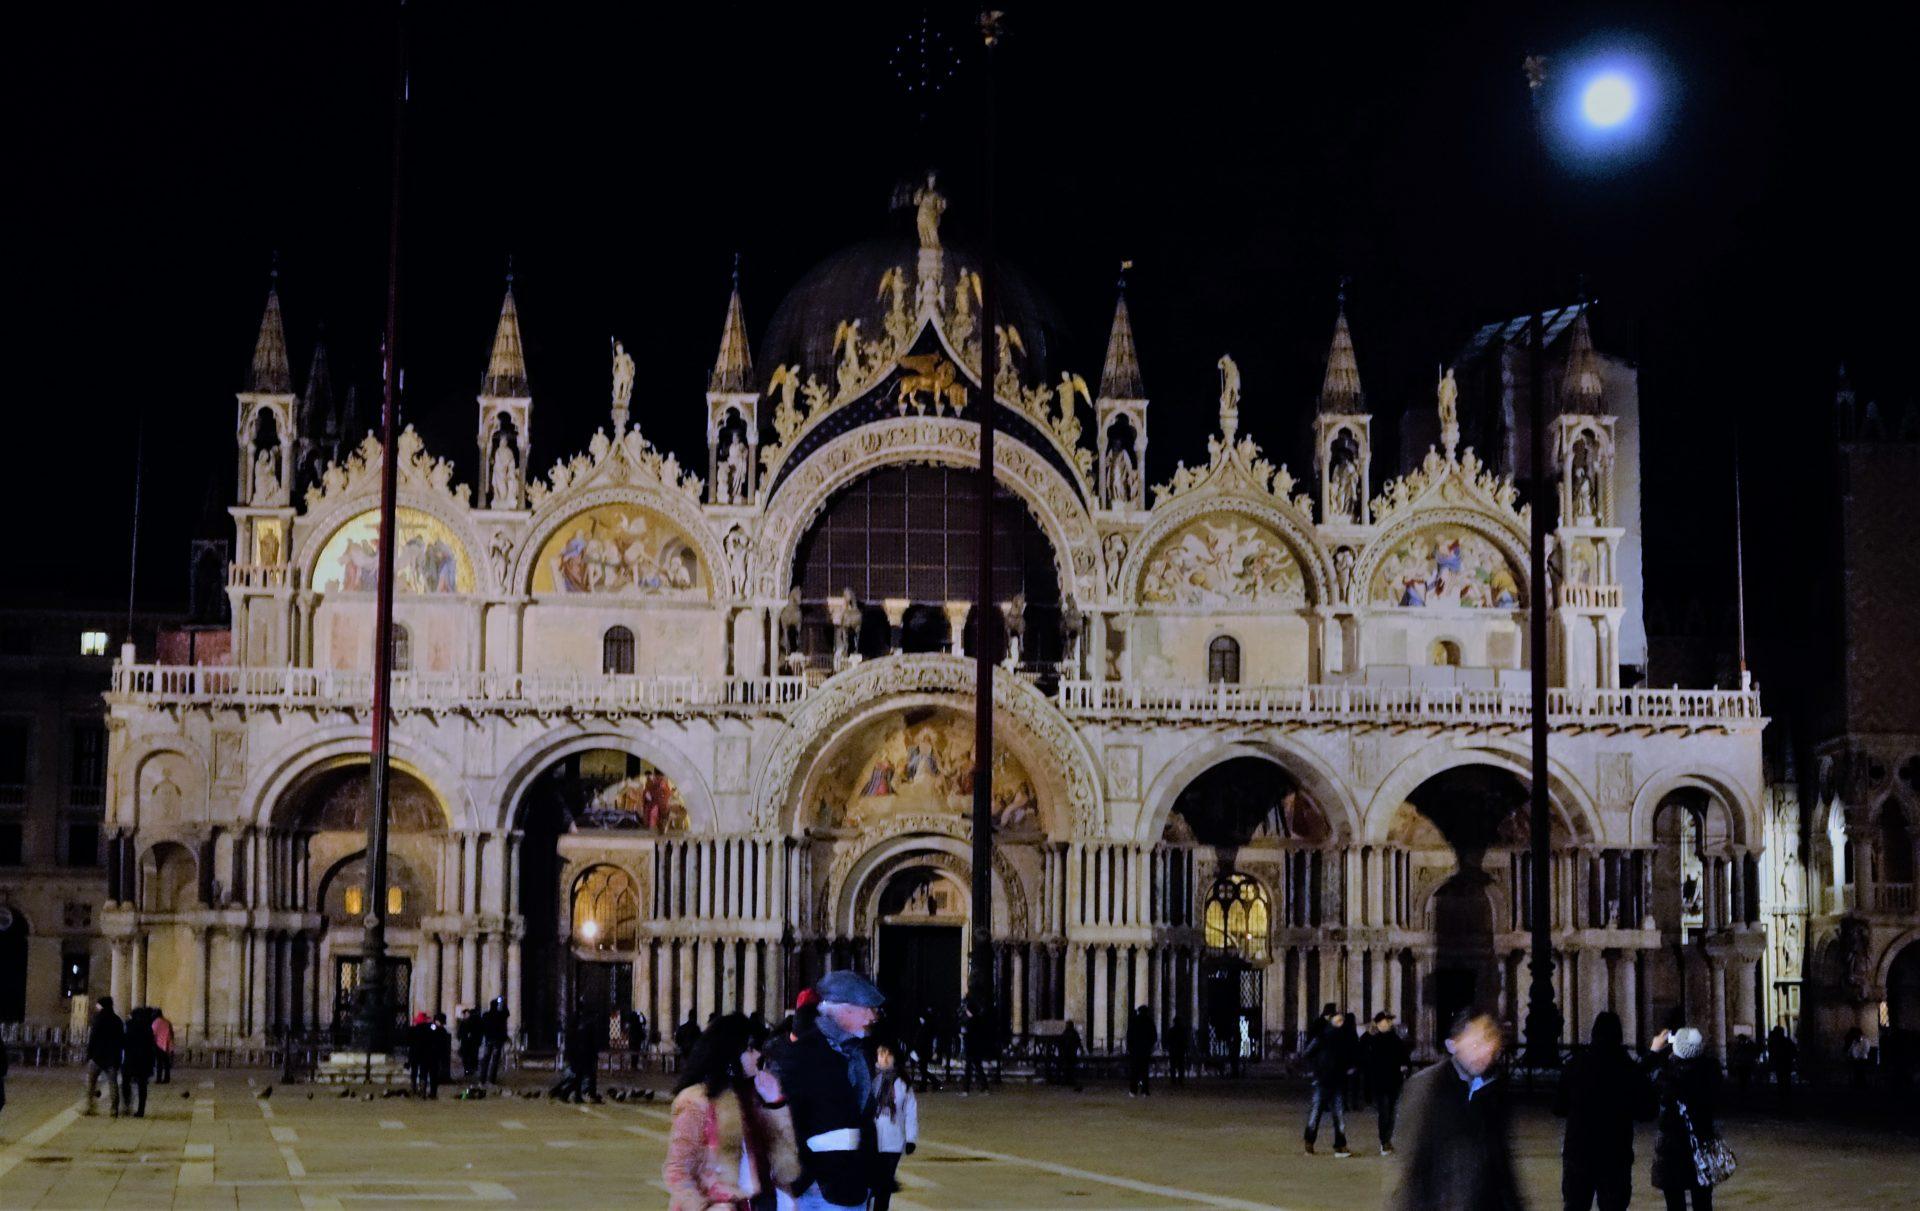 Die Basilica San Marco im Mondlicht